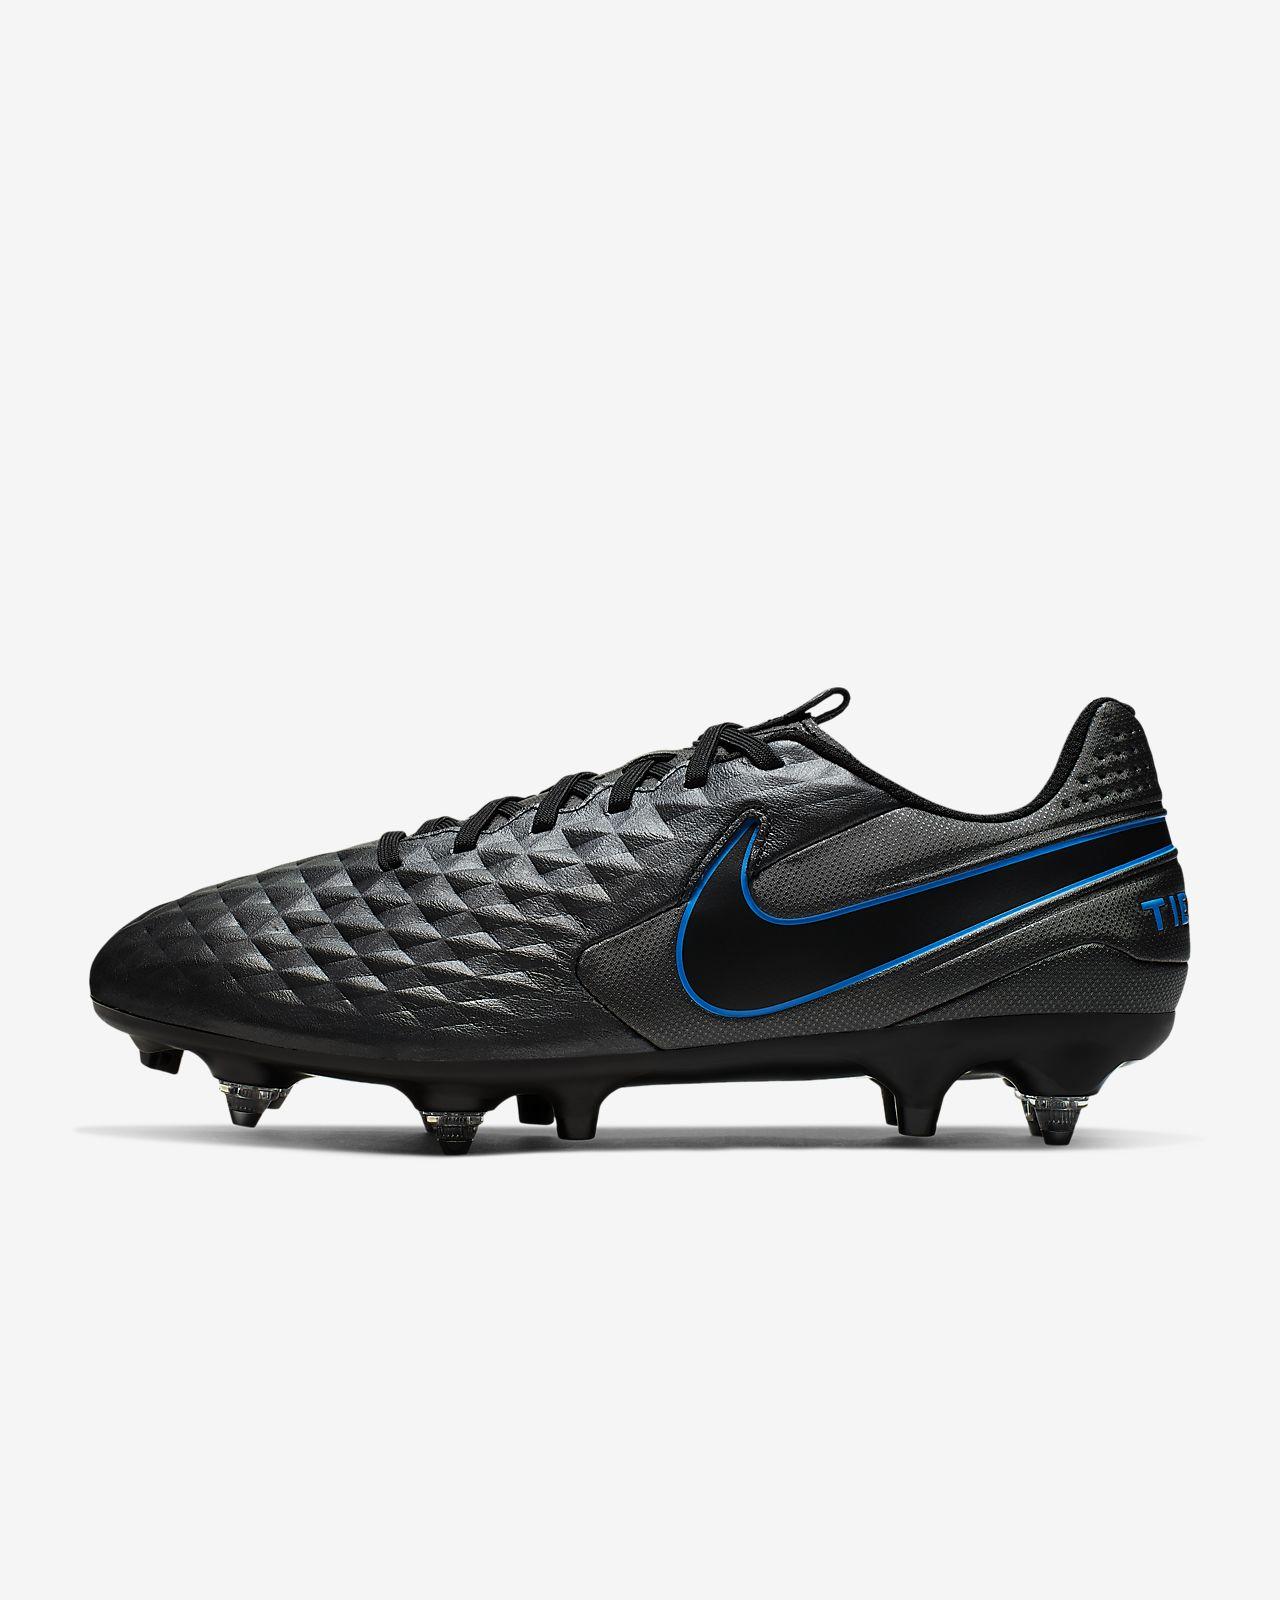 Nike Tiempo Legend 8 Academy SG-PRO Anti-Clog Traction Voetbalschoen (zachte ondergrond)